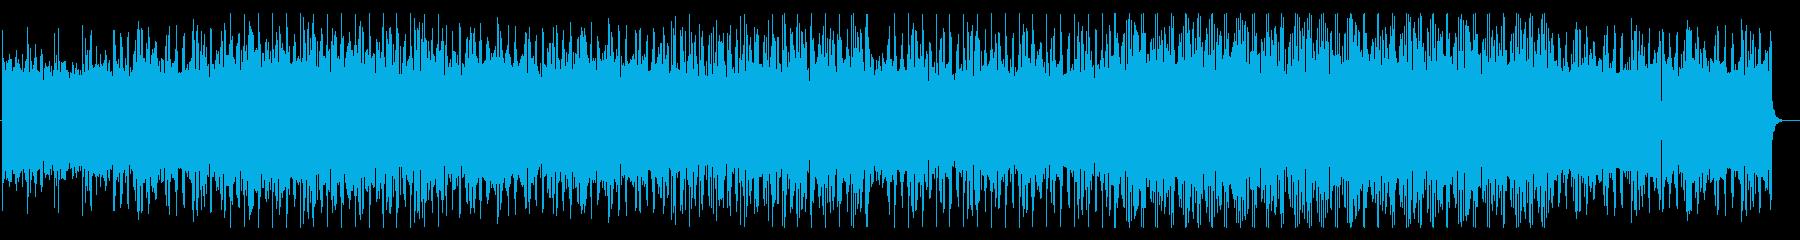 癒し、かっこいいチル系エレクトロニカの再生済みの波形